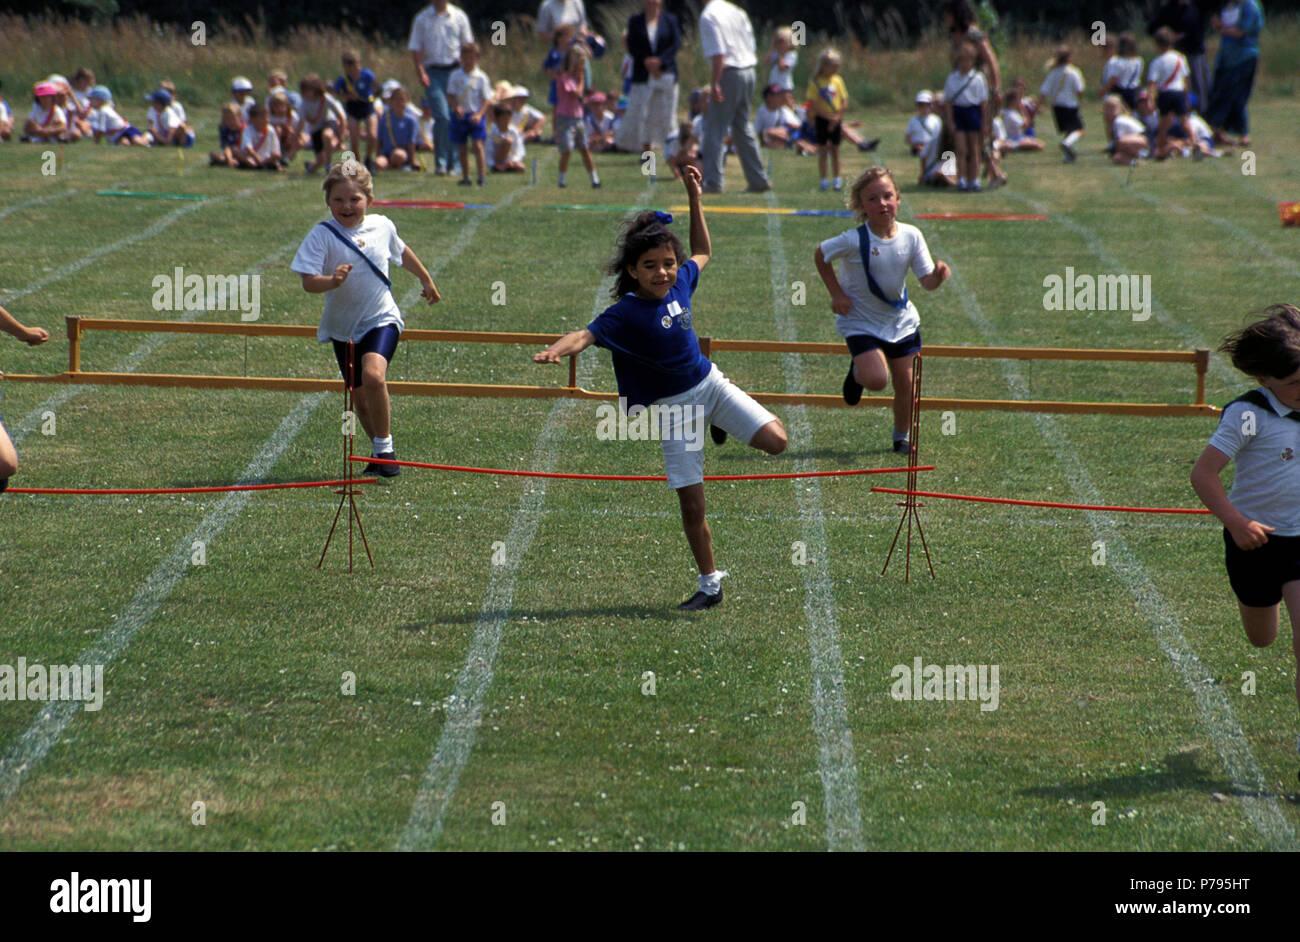 Día de Deportes de la escuela primaria, los niños saltar vallas Imagen De Stock